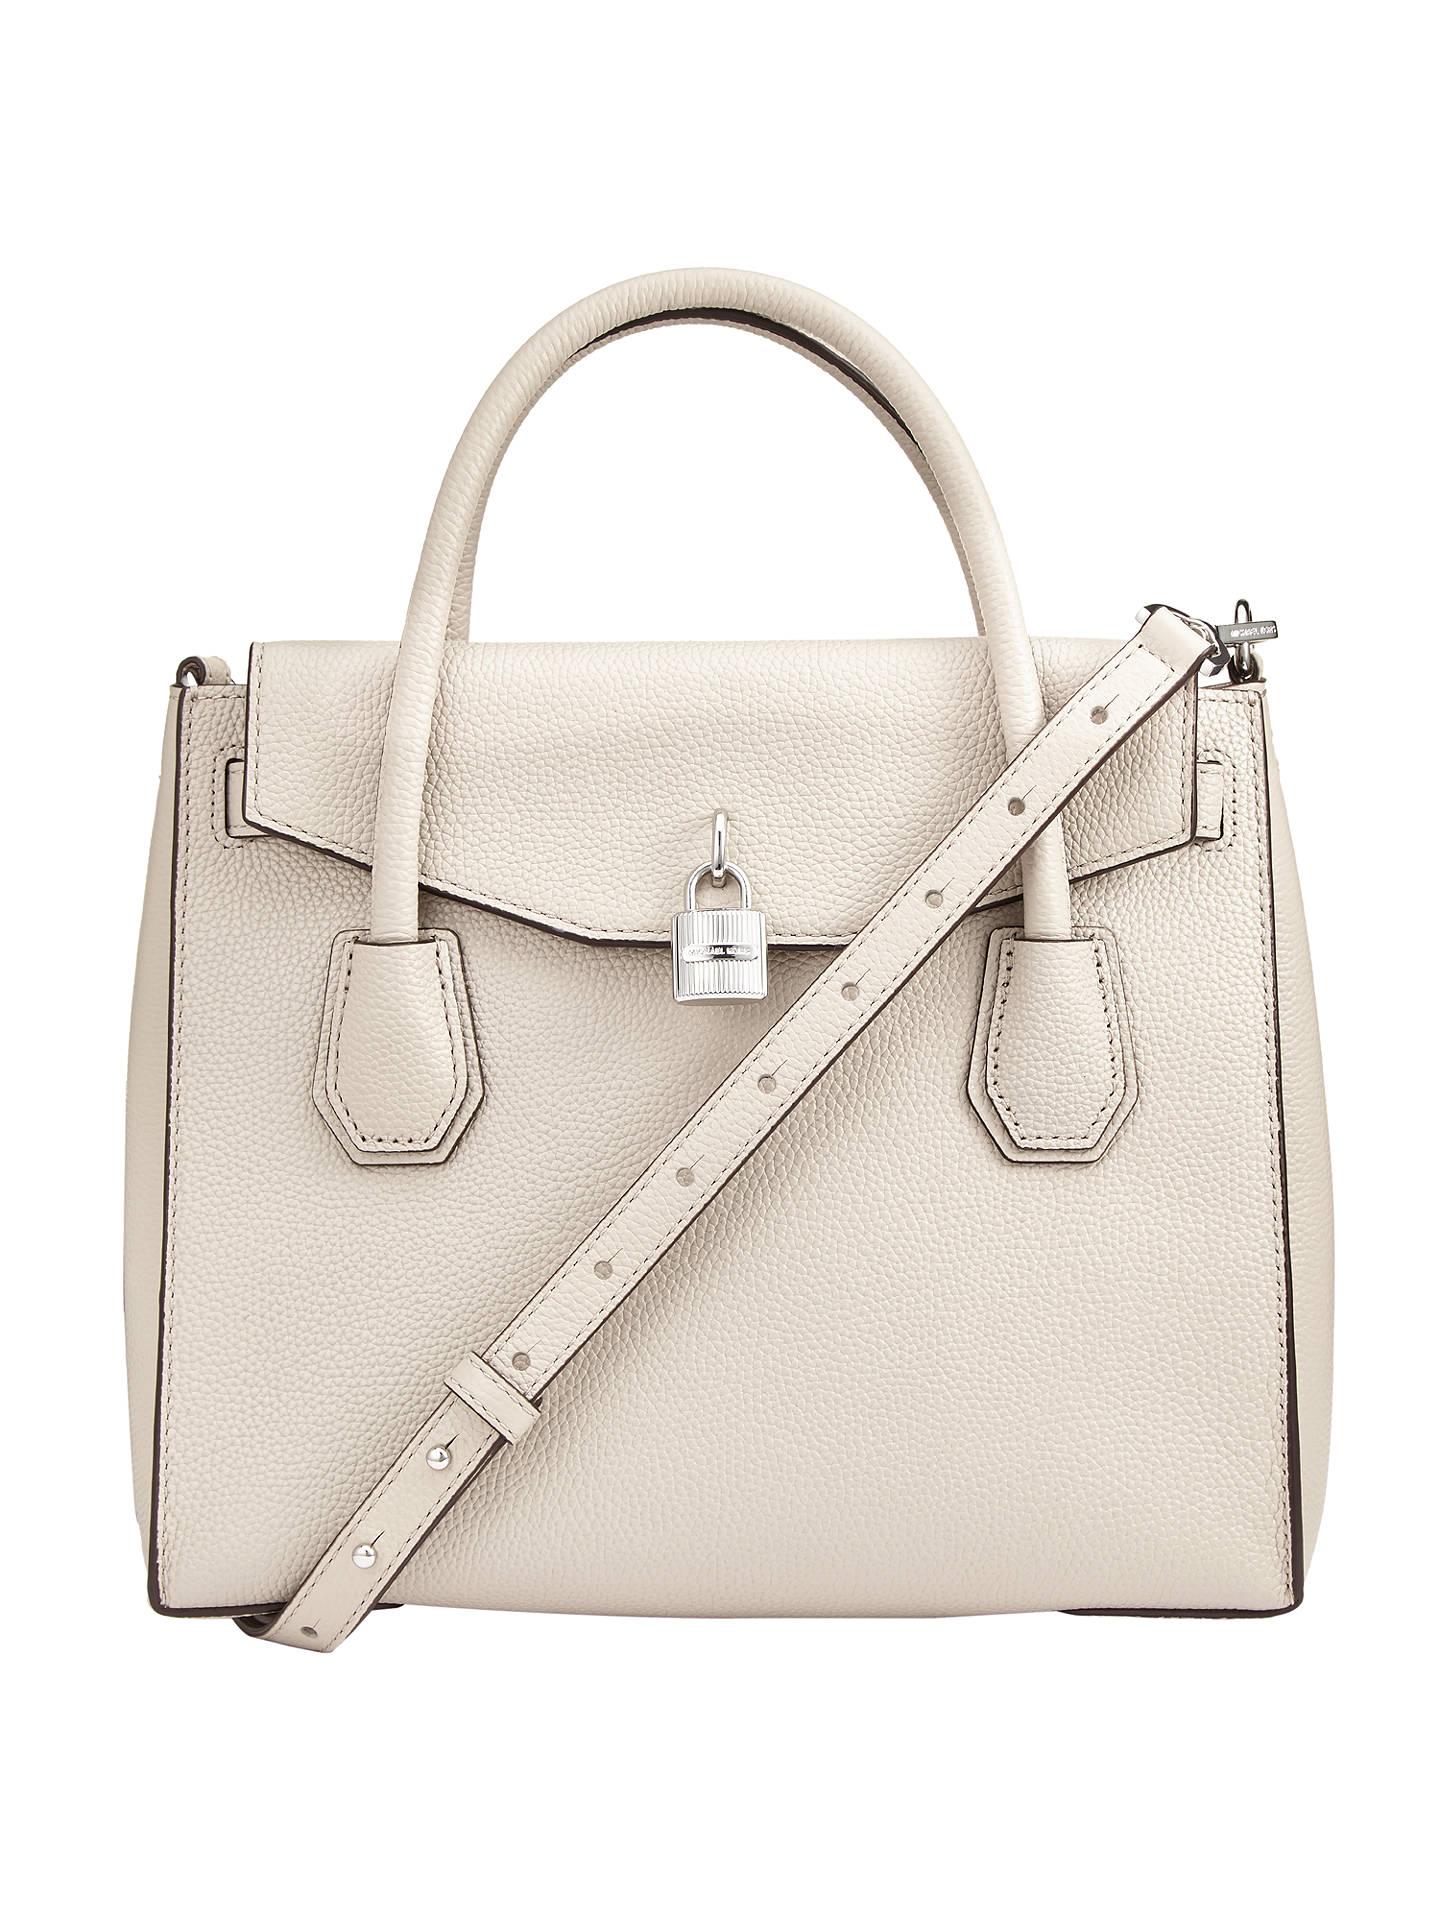 1ca5fcdd0172 Buy MICHAEL Michael Kors Mercer Large Leather Shoulder Bag, Cement Online  at johnlewis.com ...